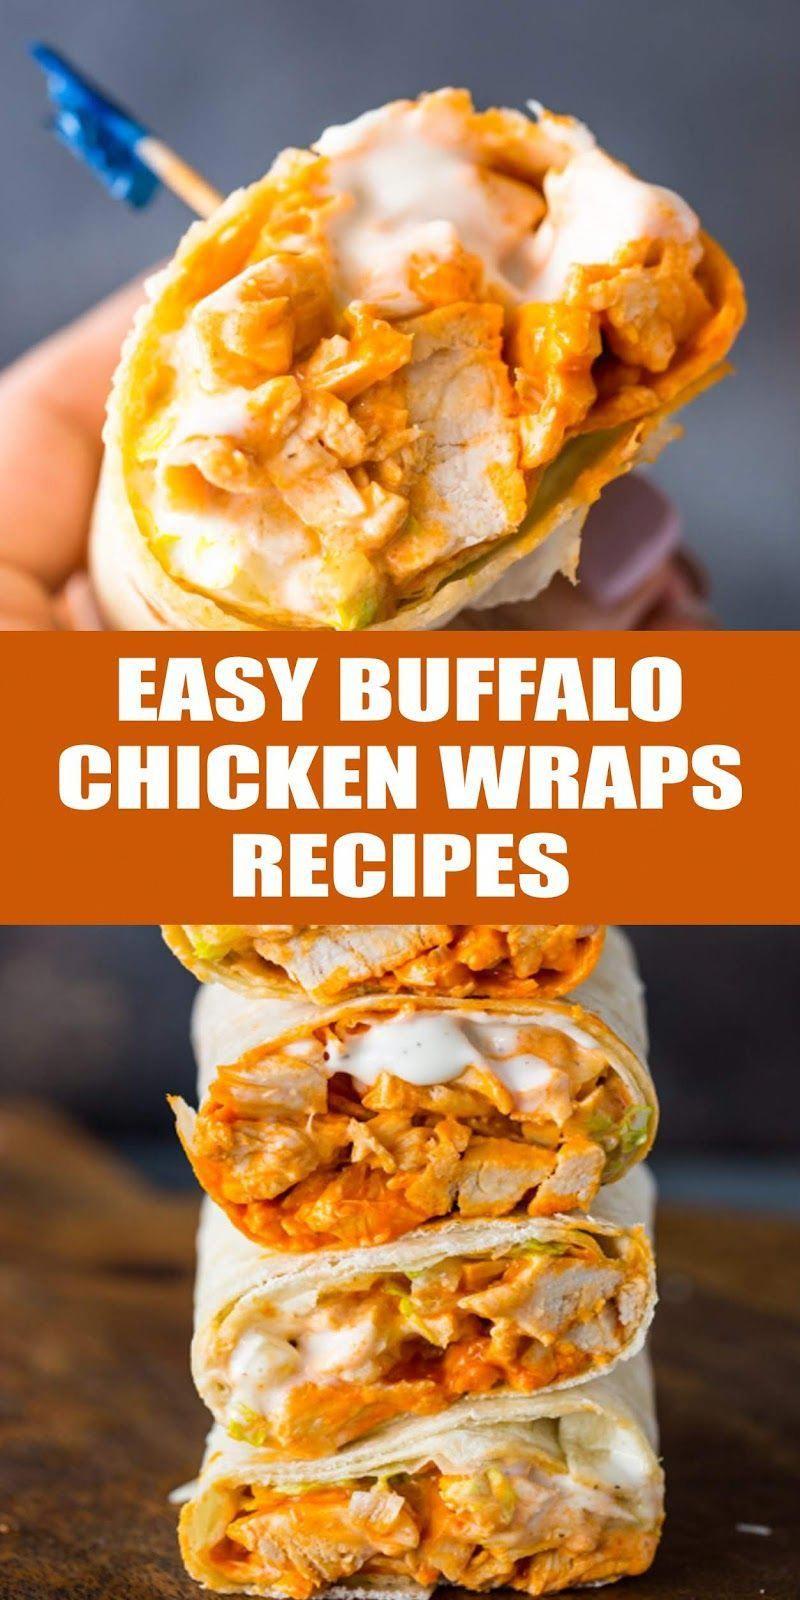 #dinner #easydinnerrecipe #chickenrecipes #recipeoftheday #chicken #chickenfoodrecipes #chickenhouses #chickendinner #healthyrecipes #healthyfood #healthyeating #recipeseasy #TastyHealthyFoodRecipes